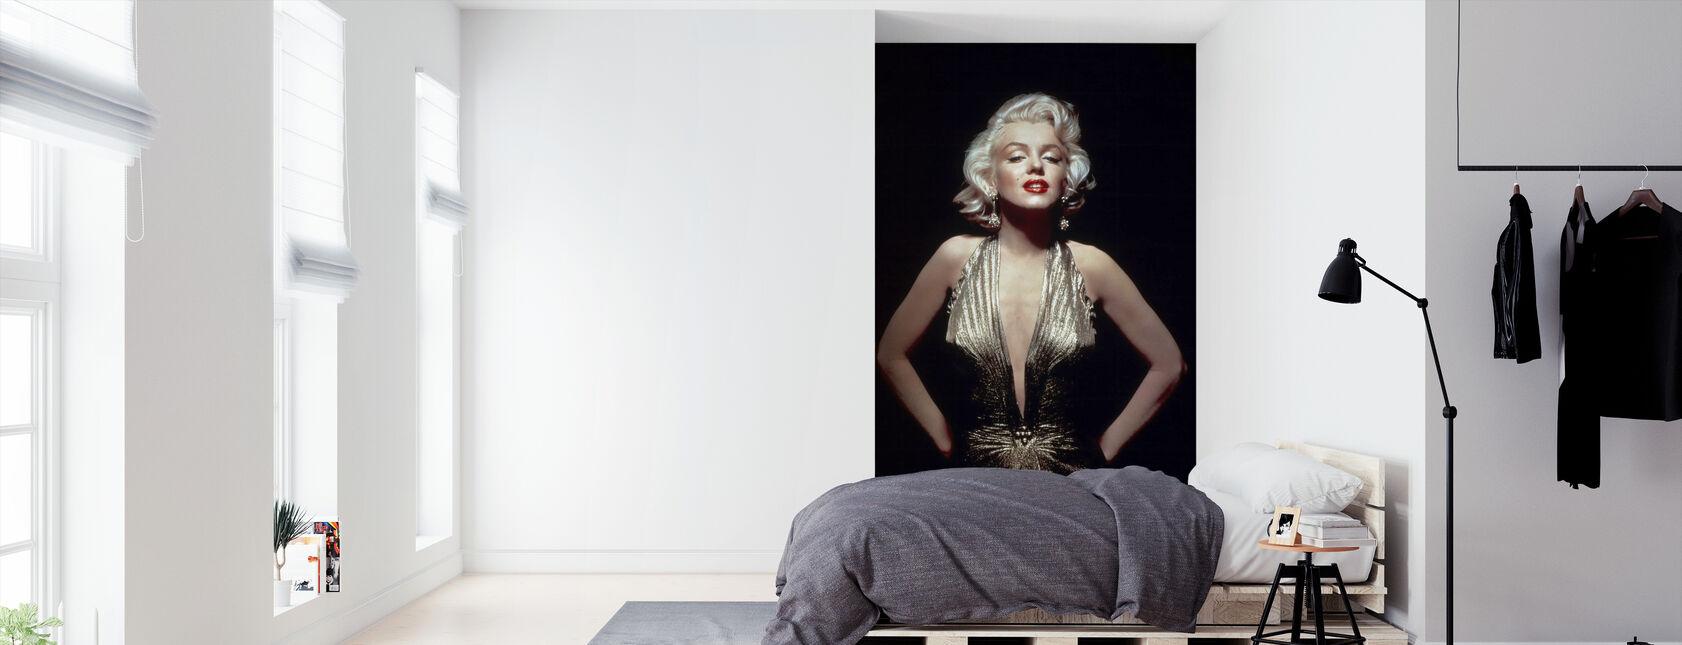 Marilyn Monroe herrat mieluummin blondit - Tapetti - Makuuhuone